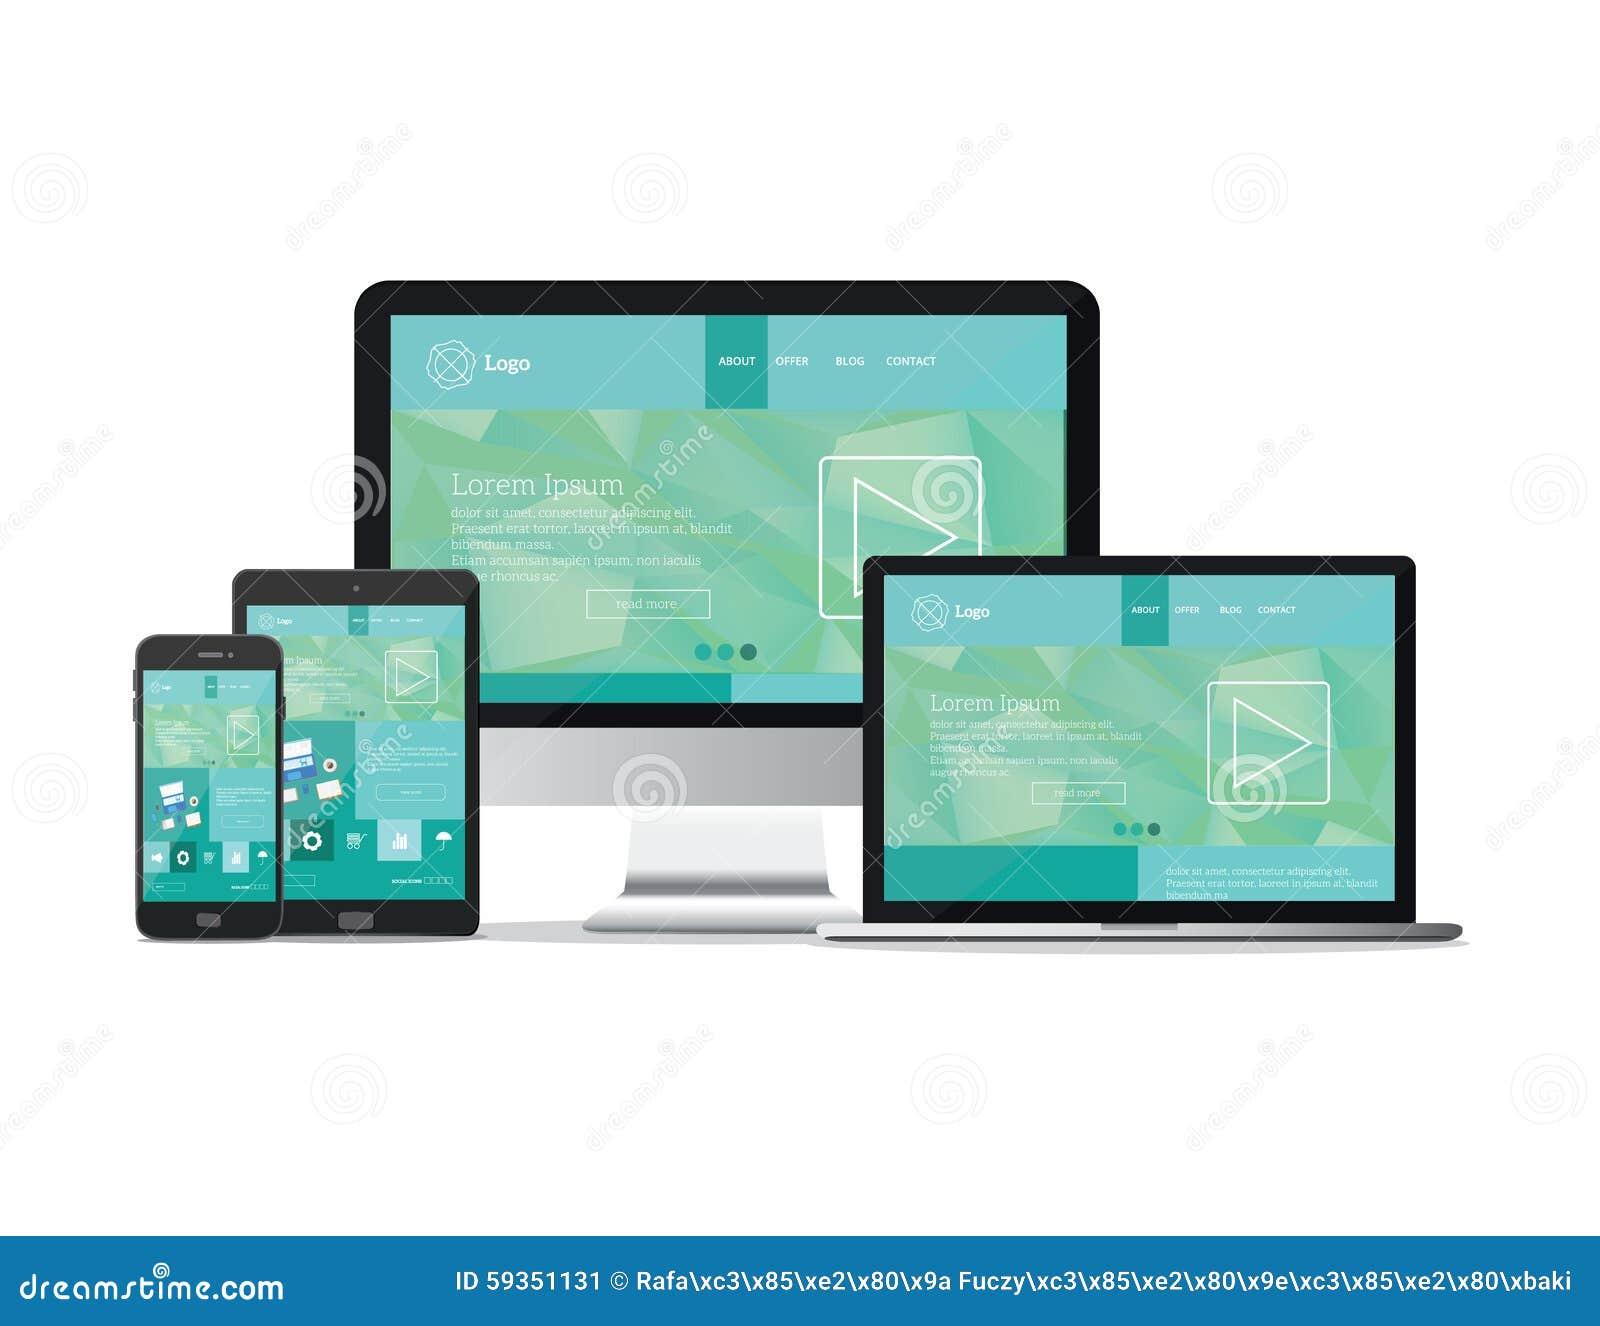 Responsive Design Website Template Modern Flat Vector: Responsive Devices Website Template Stock Vector